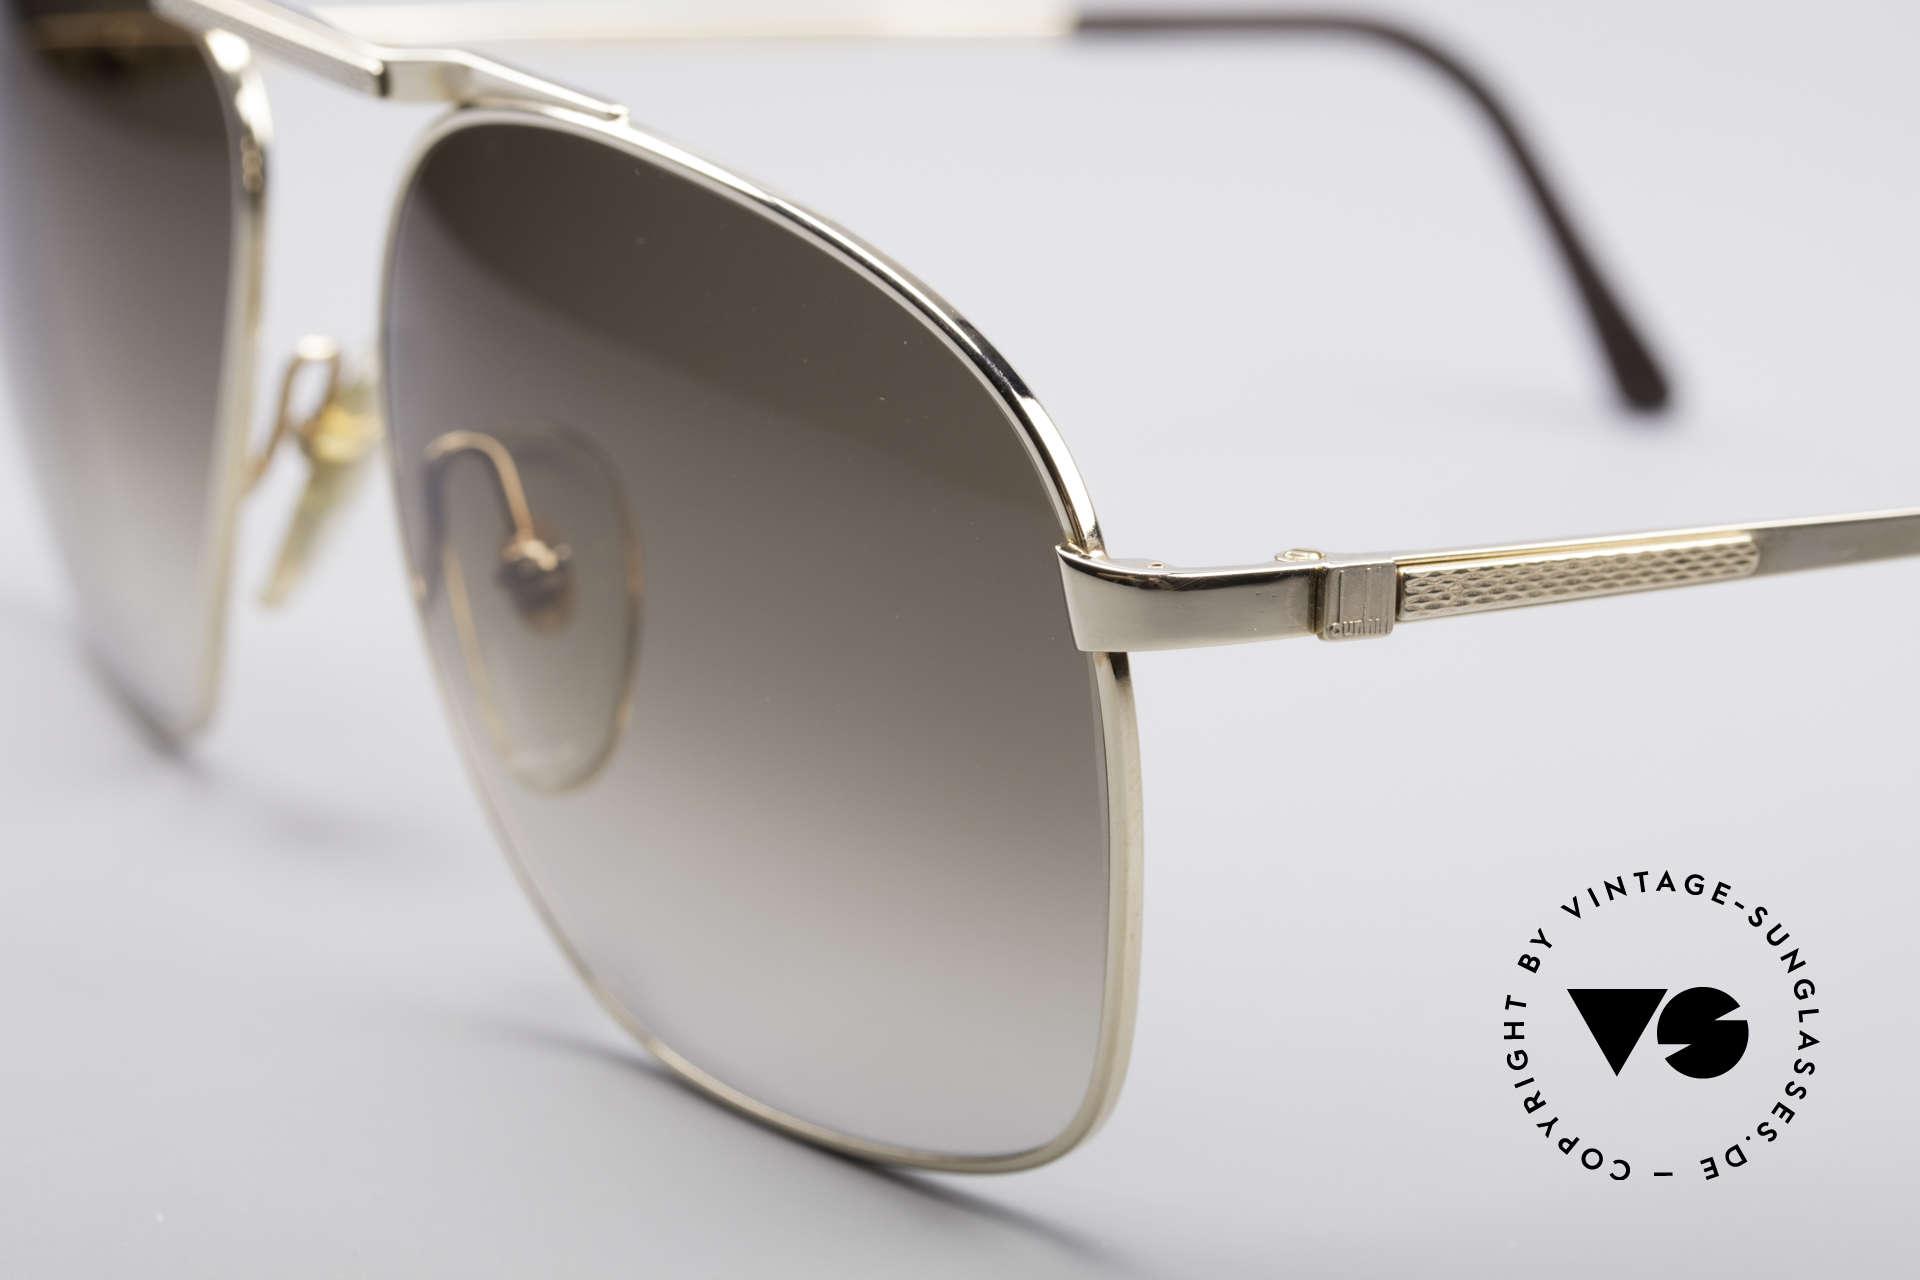 Dunhill 6046 Alte 80er Luxus Herrenbrille, ein absoluter KLASSIKER für den vornehmen Gentleman, Passend für Herren